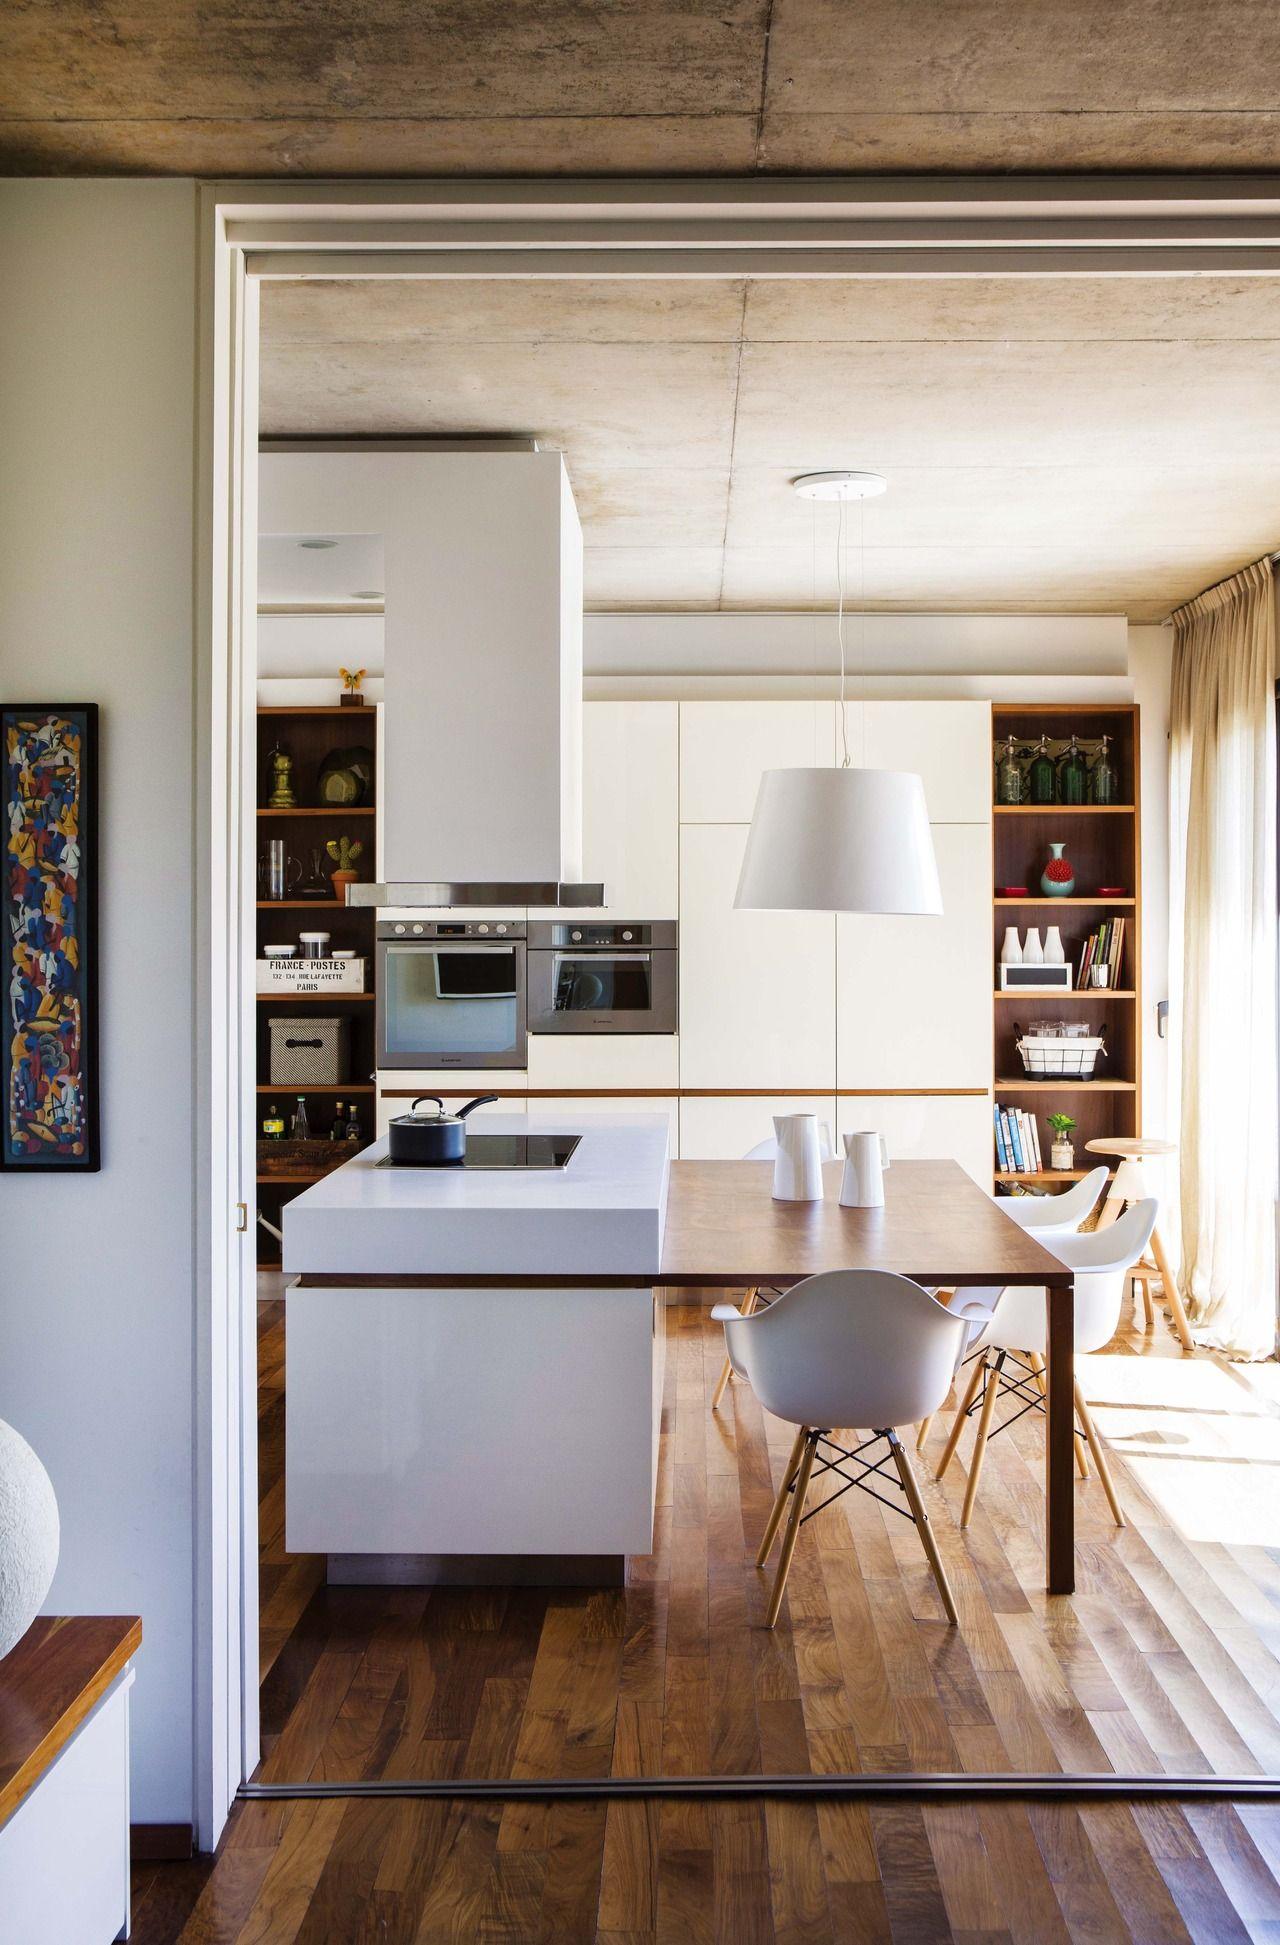 Una cocina en blanco y madera | Líneas simples, Cocina comedor y En ...